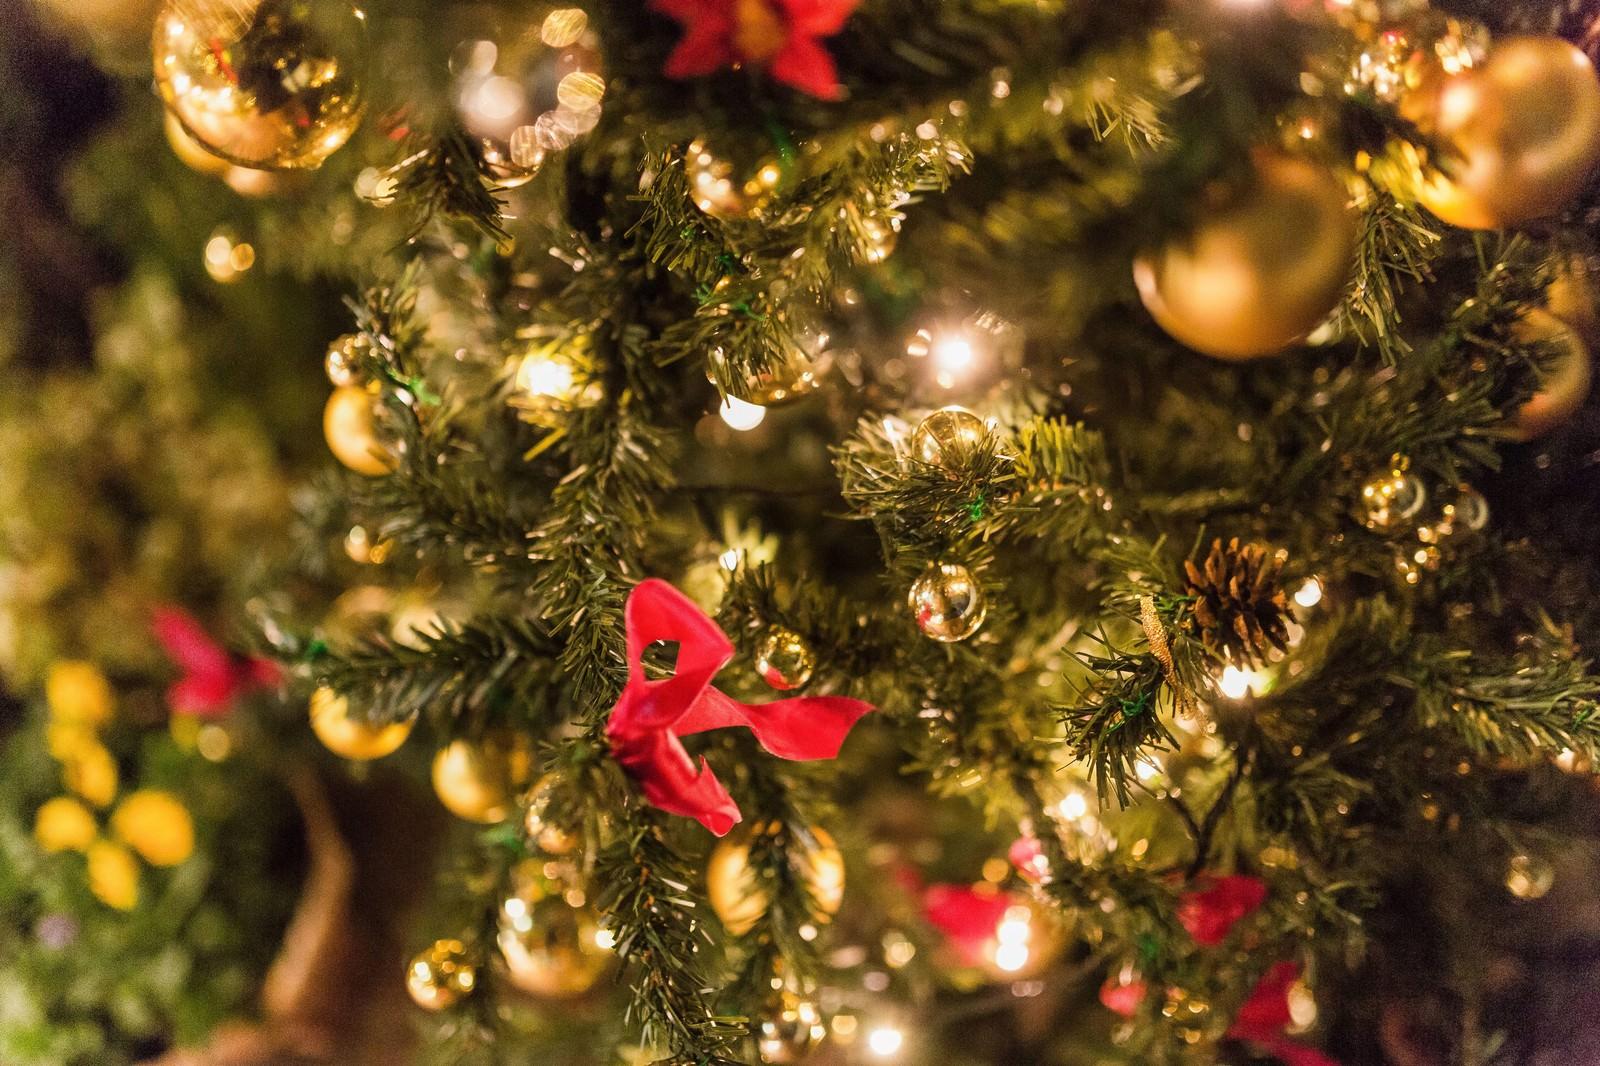 子どもと一緒に作るフェルトのクリスマス飾り10選